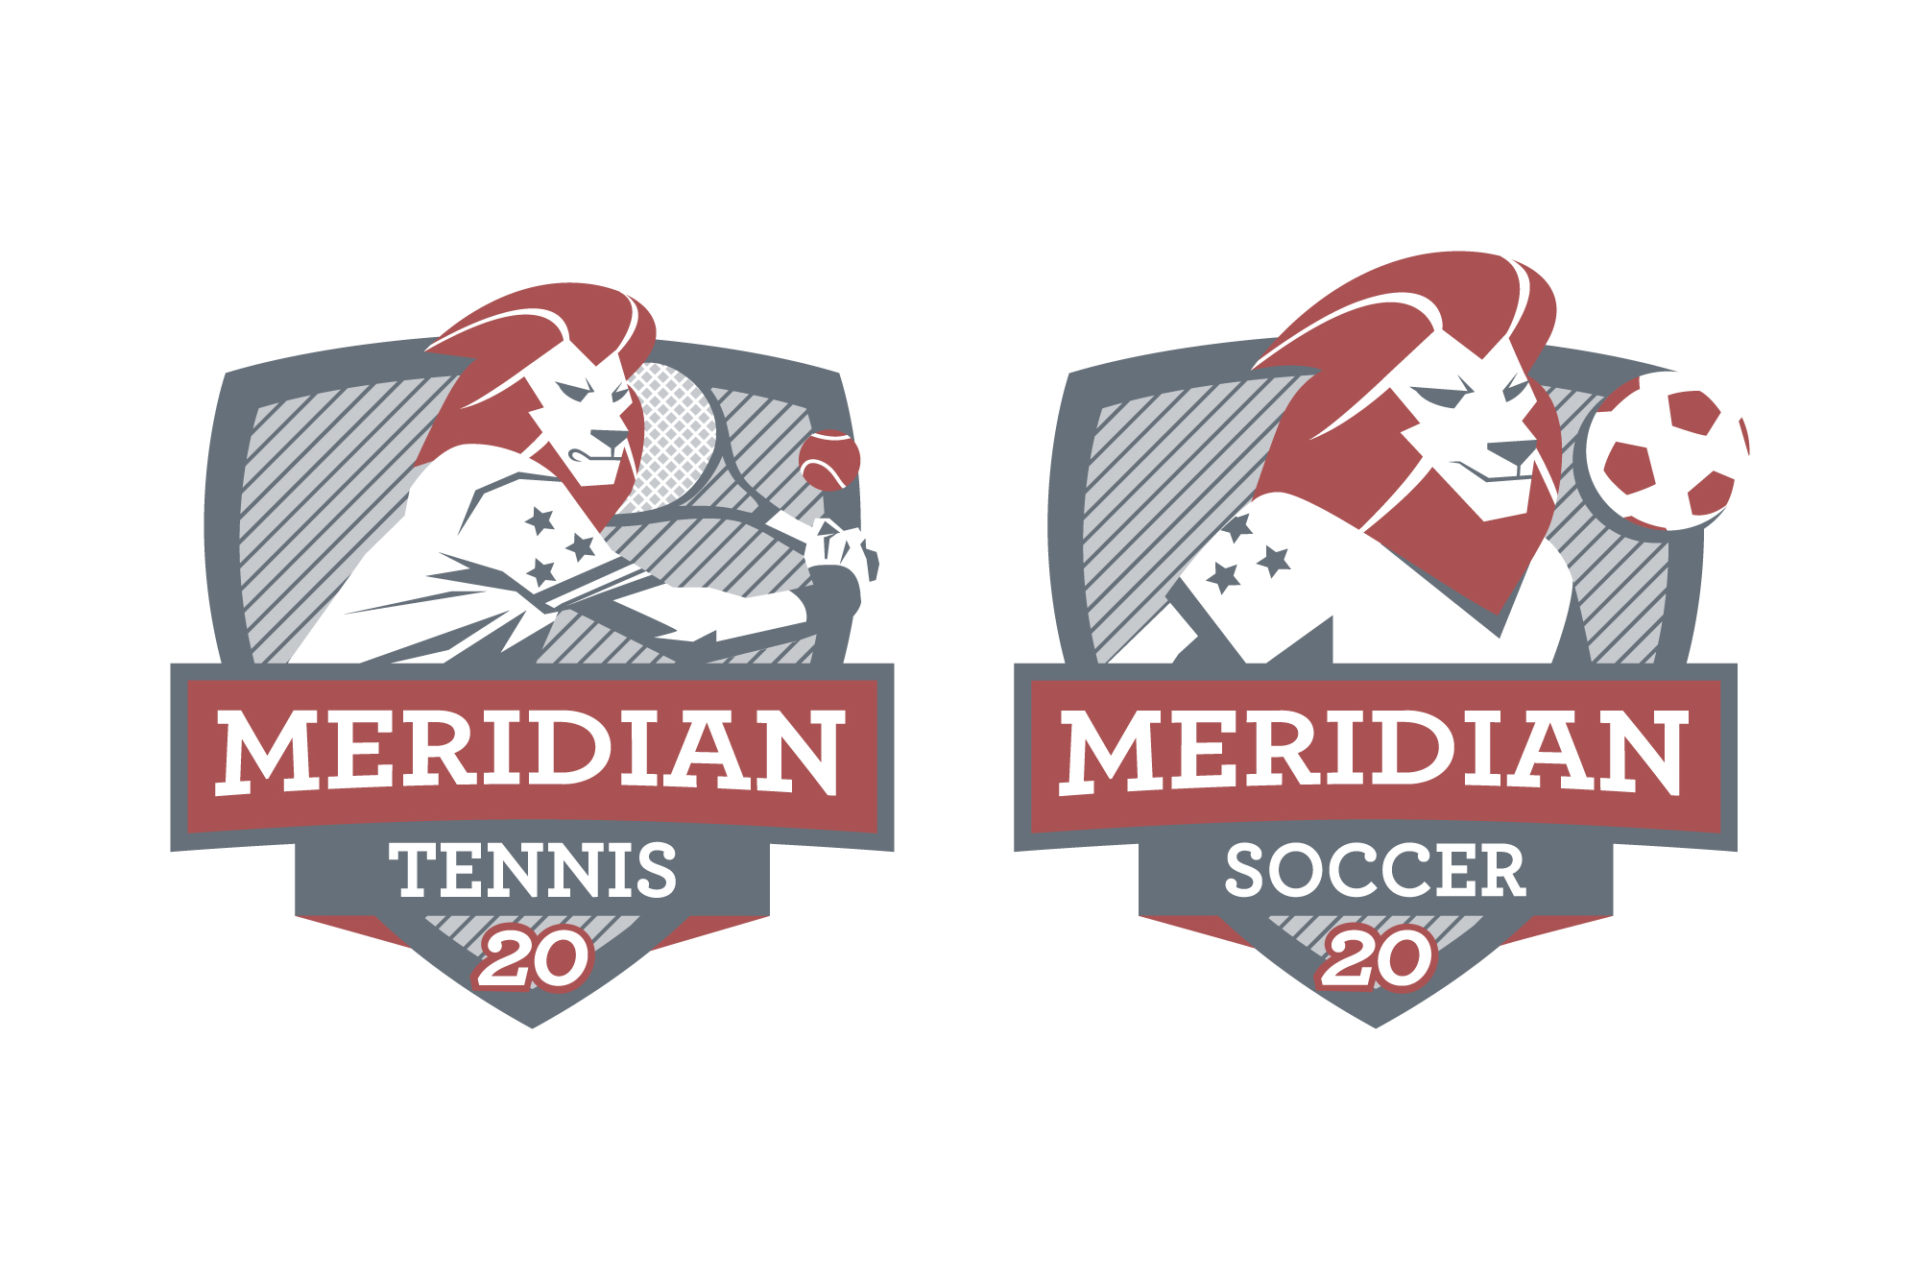 2019_Meridian_SportsLions